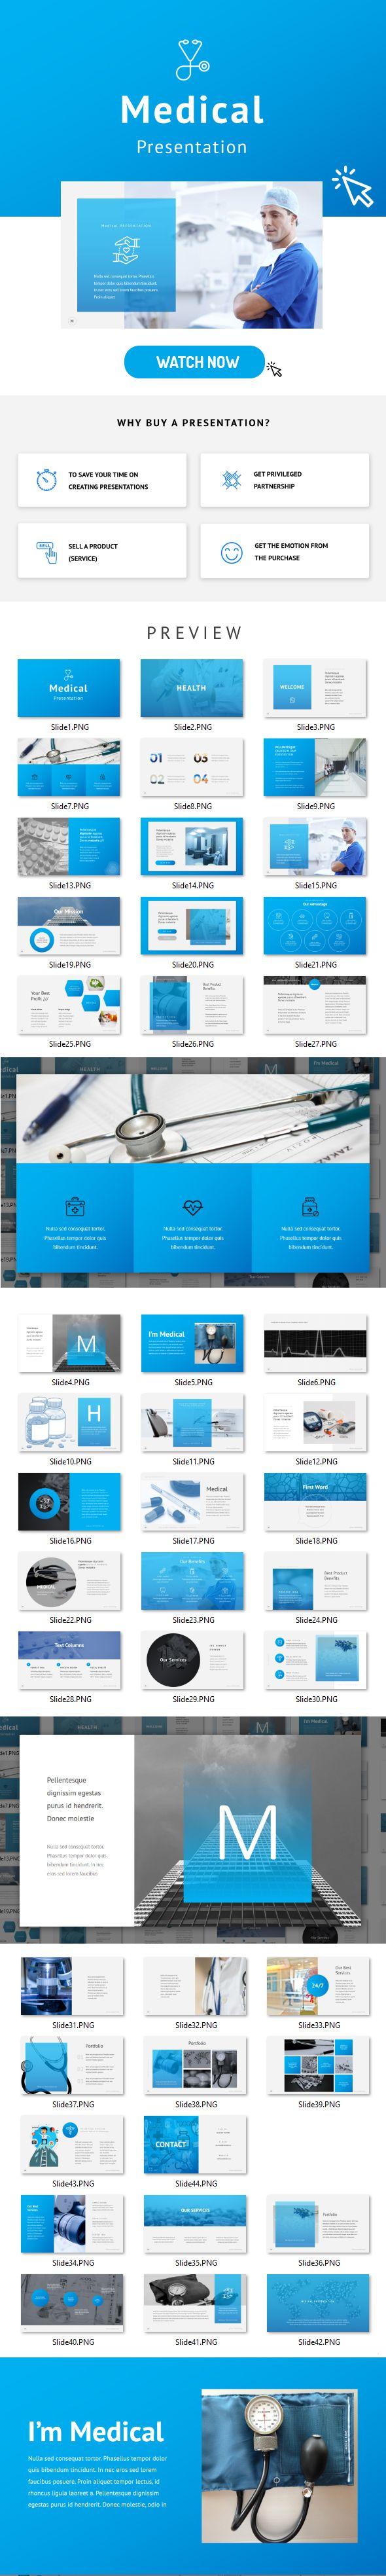 Medical  Google Slides — Google Slides PPTX #company #blue • Download ➝ https://graphicriver.net/item/medical-google-slides/19917009?ref=pxcr